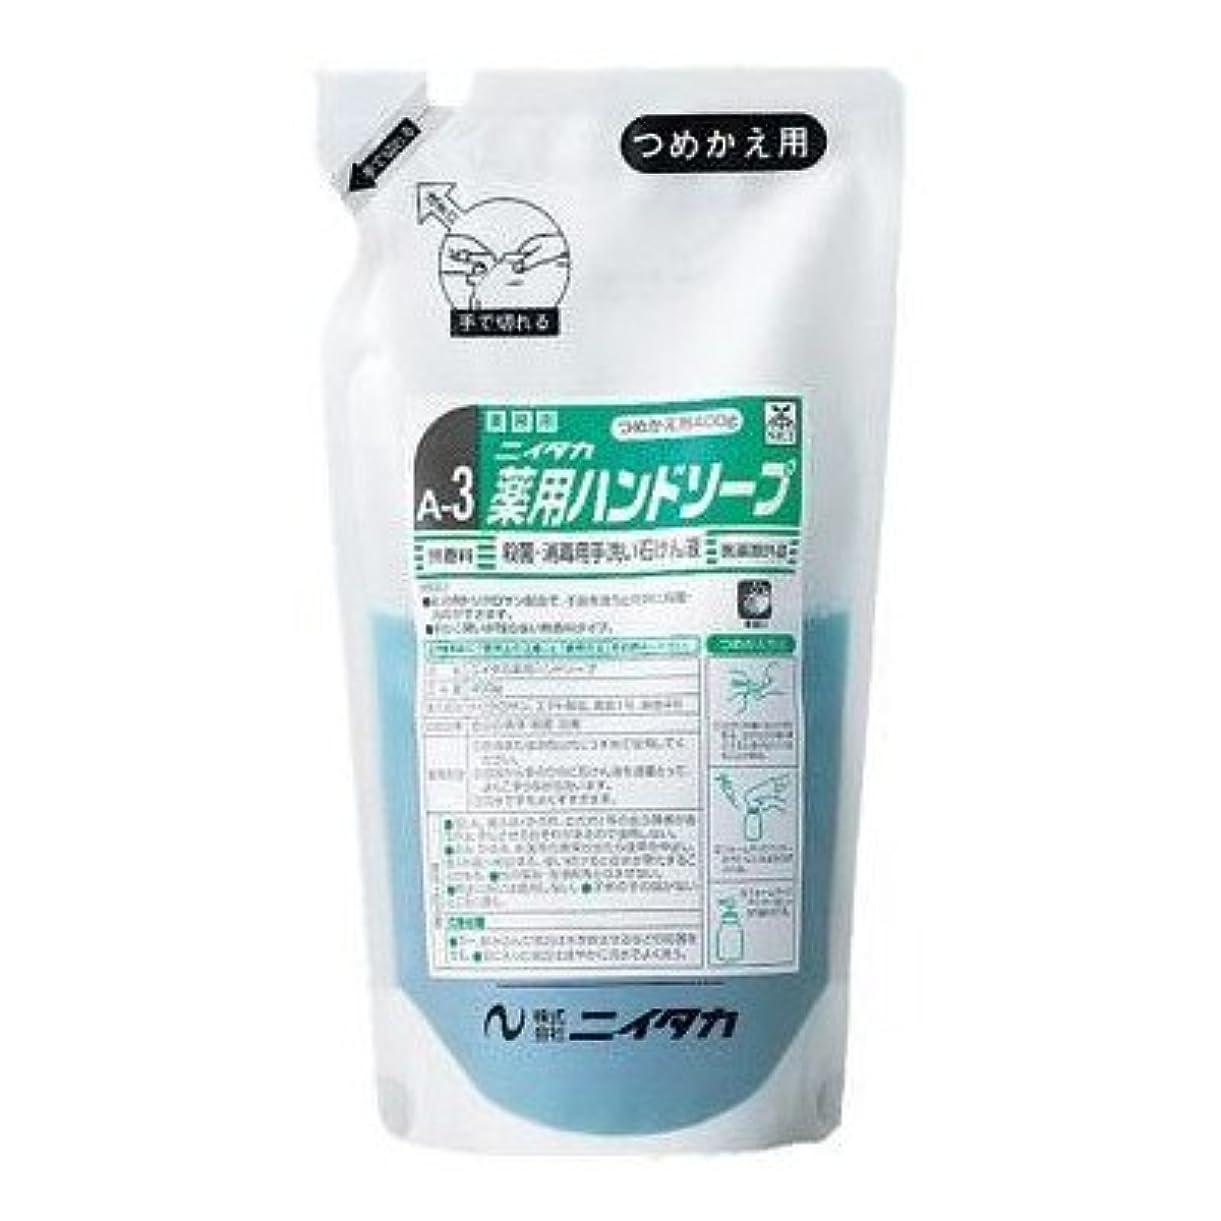 性格つまずく労働ニイタカ 業務用手洗い石けん液 薬用ハンドソープ(A-3) 400g×6本